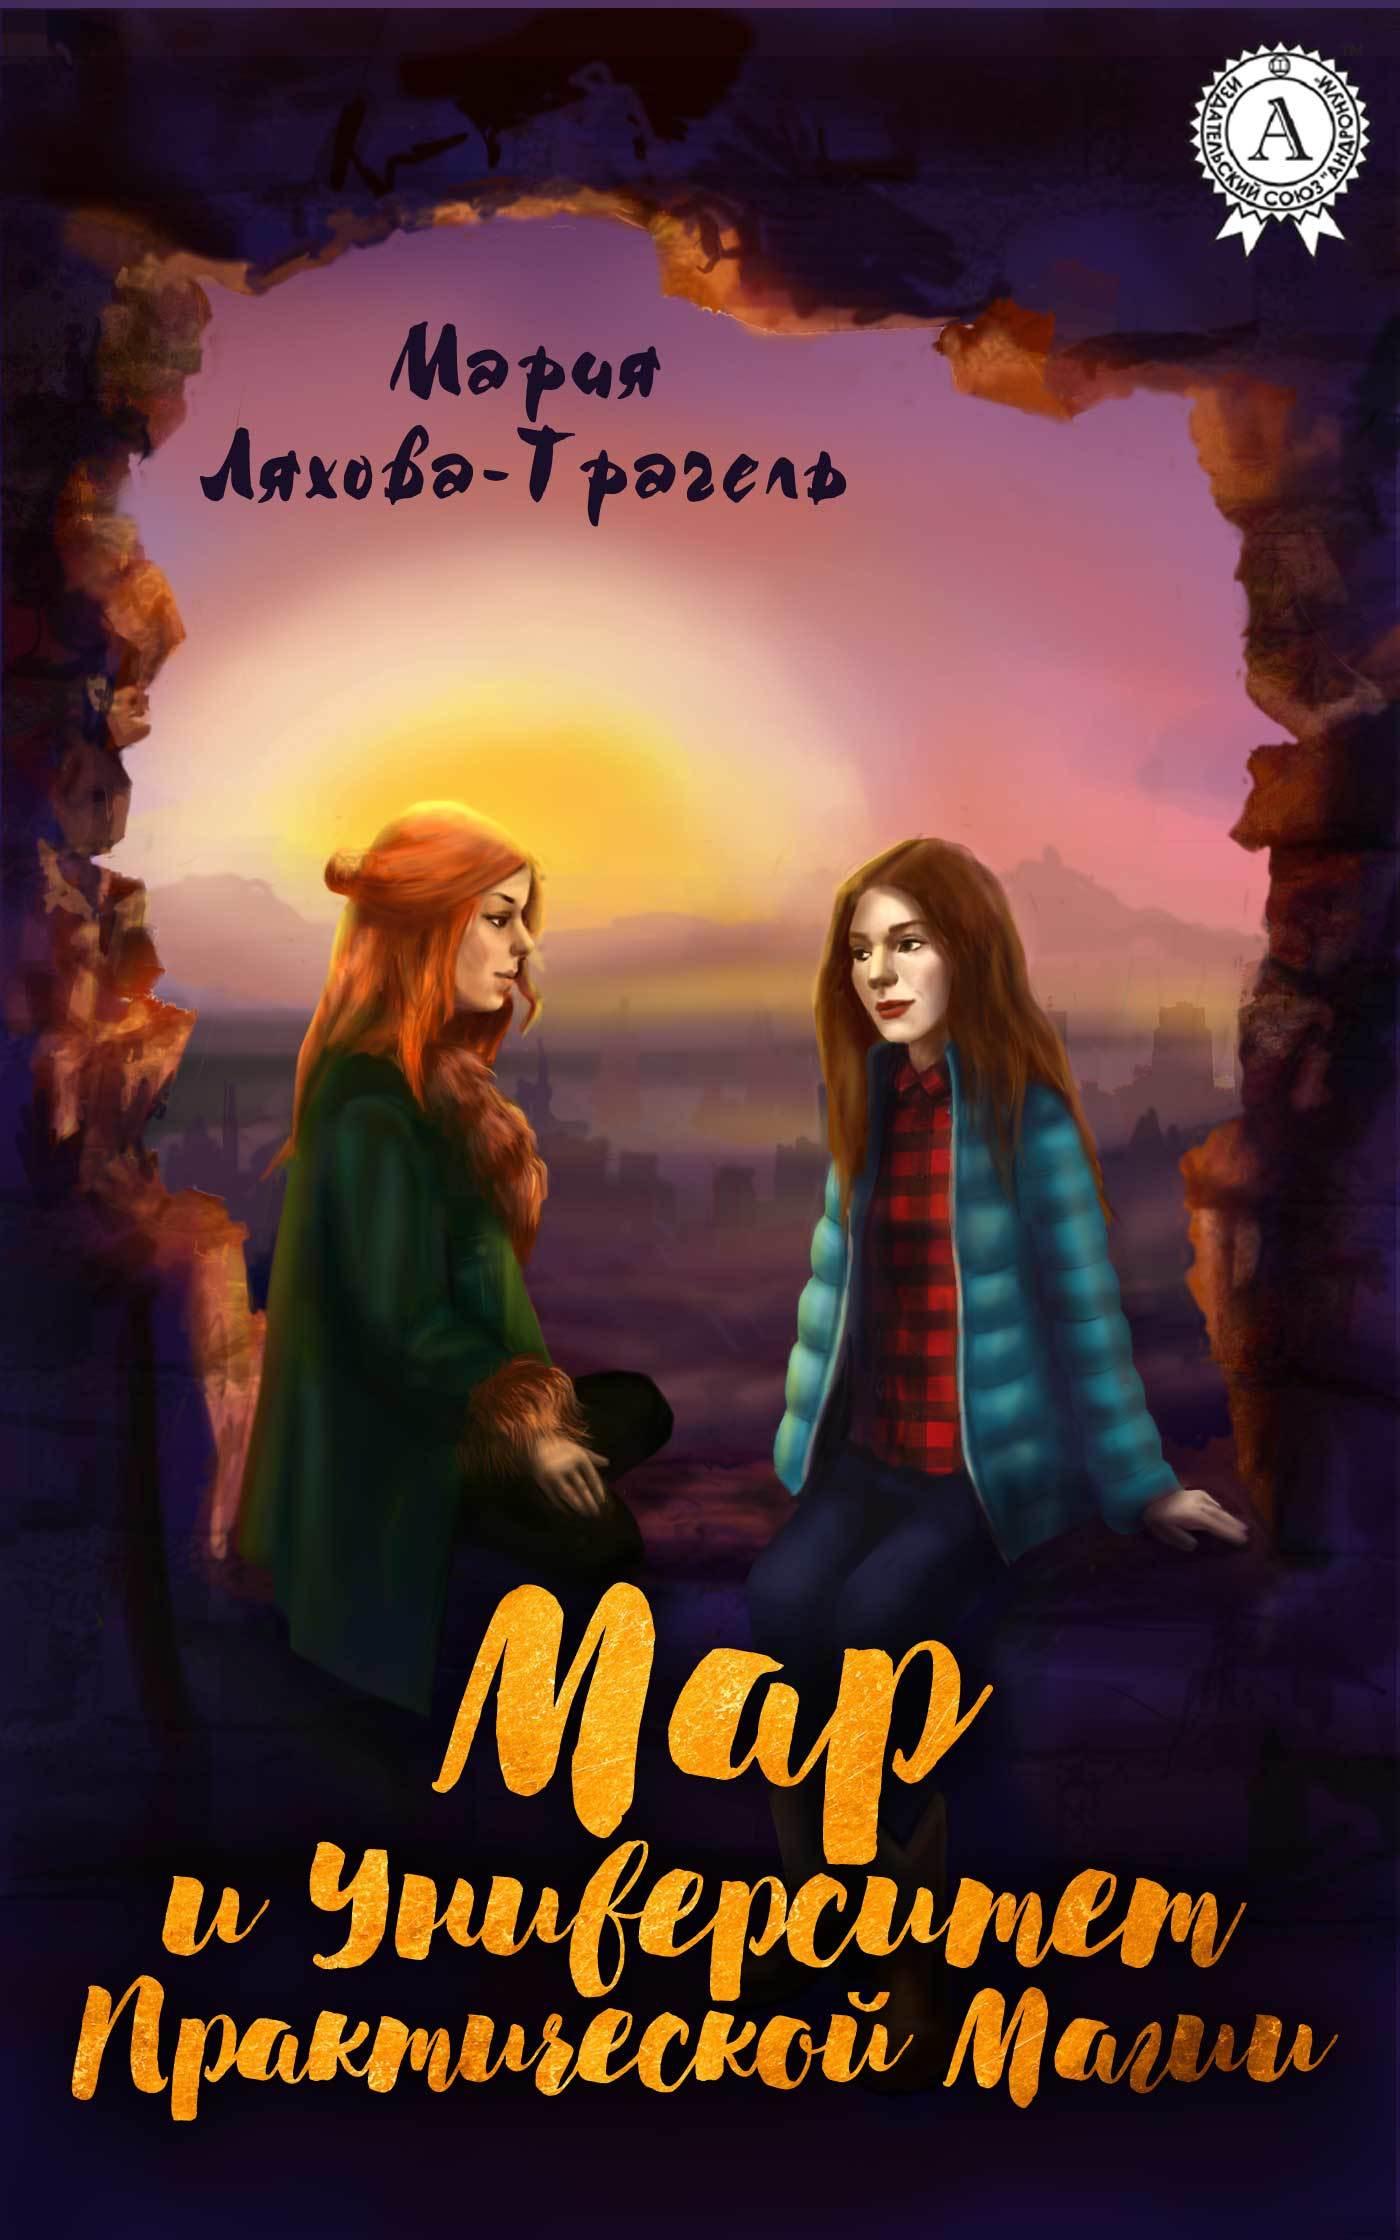 Мария Ляхова-Трагель Мар и Университет практической магии саша мар интересно и